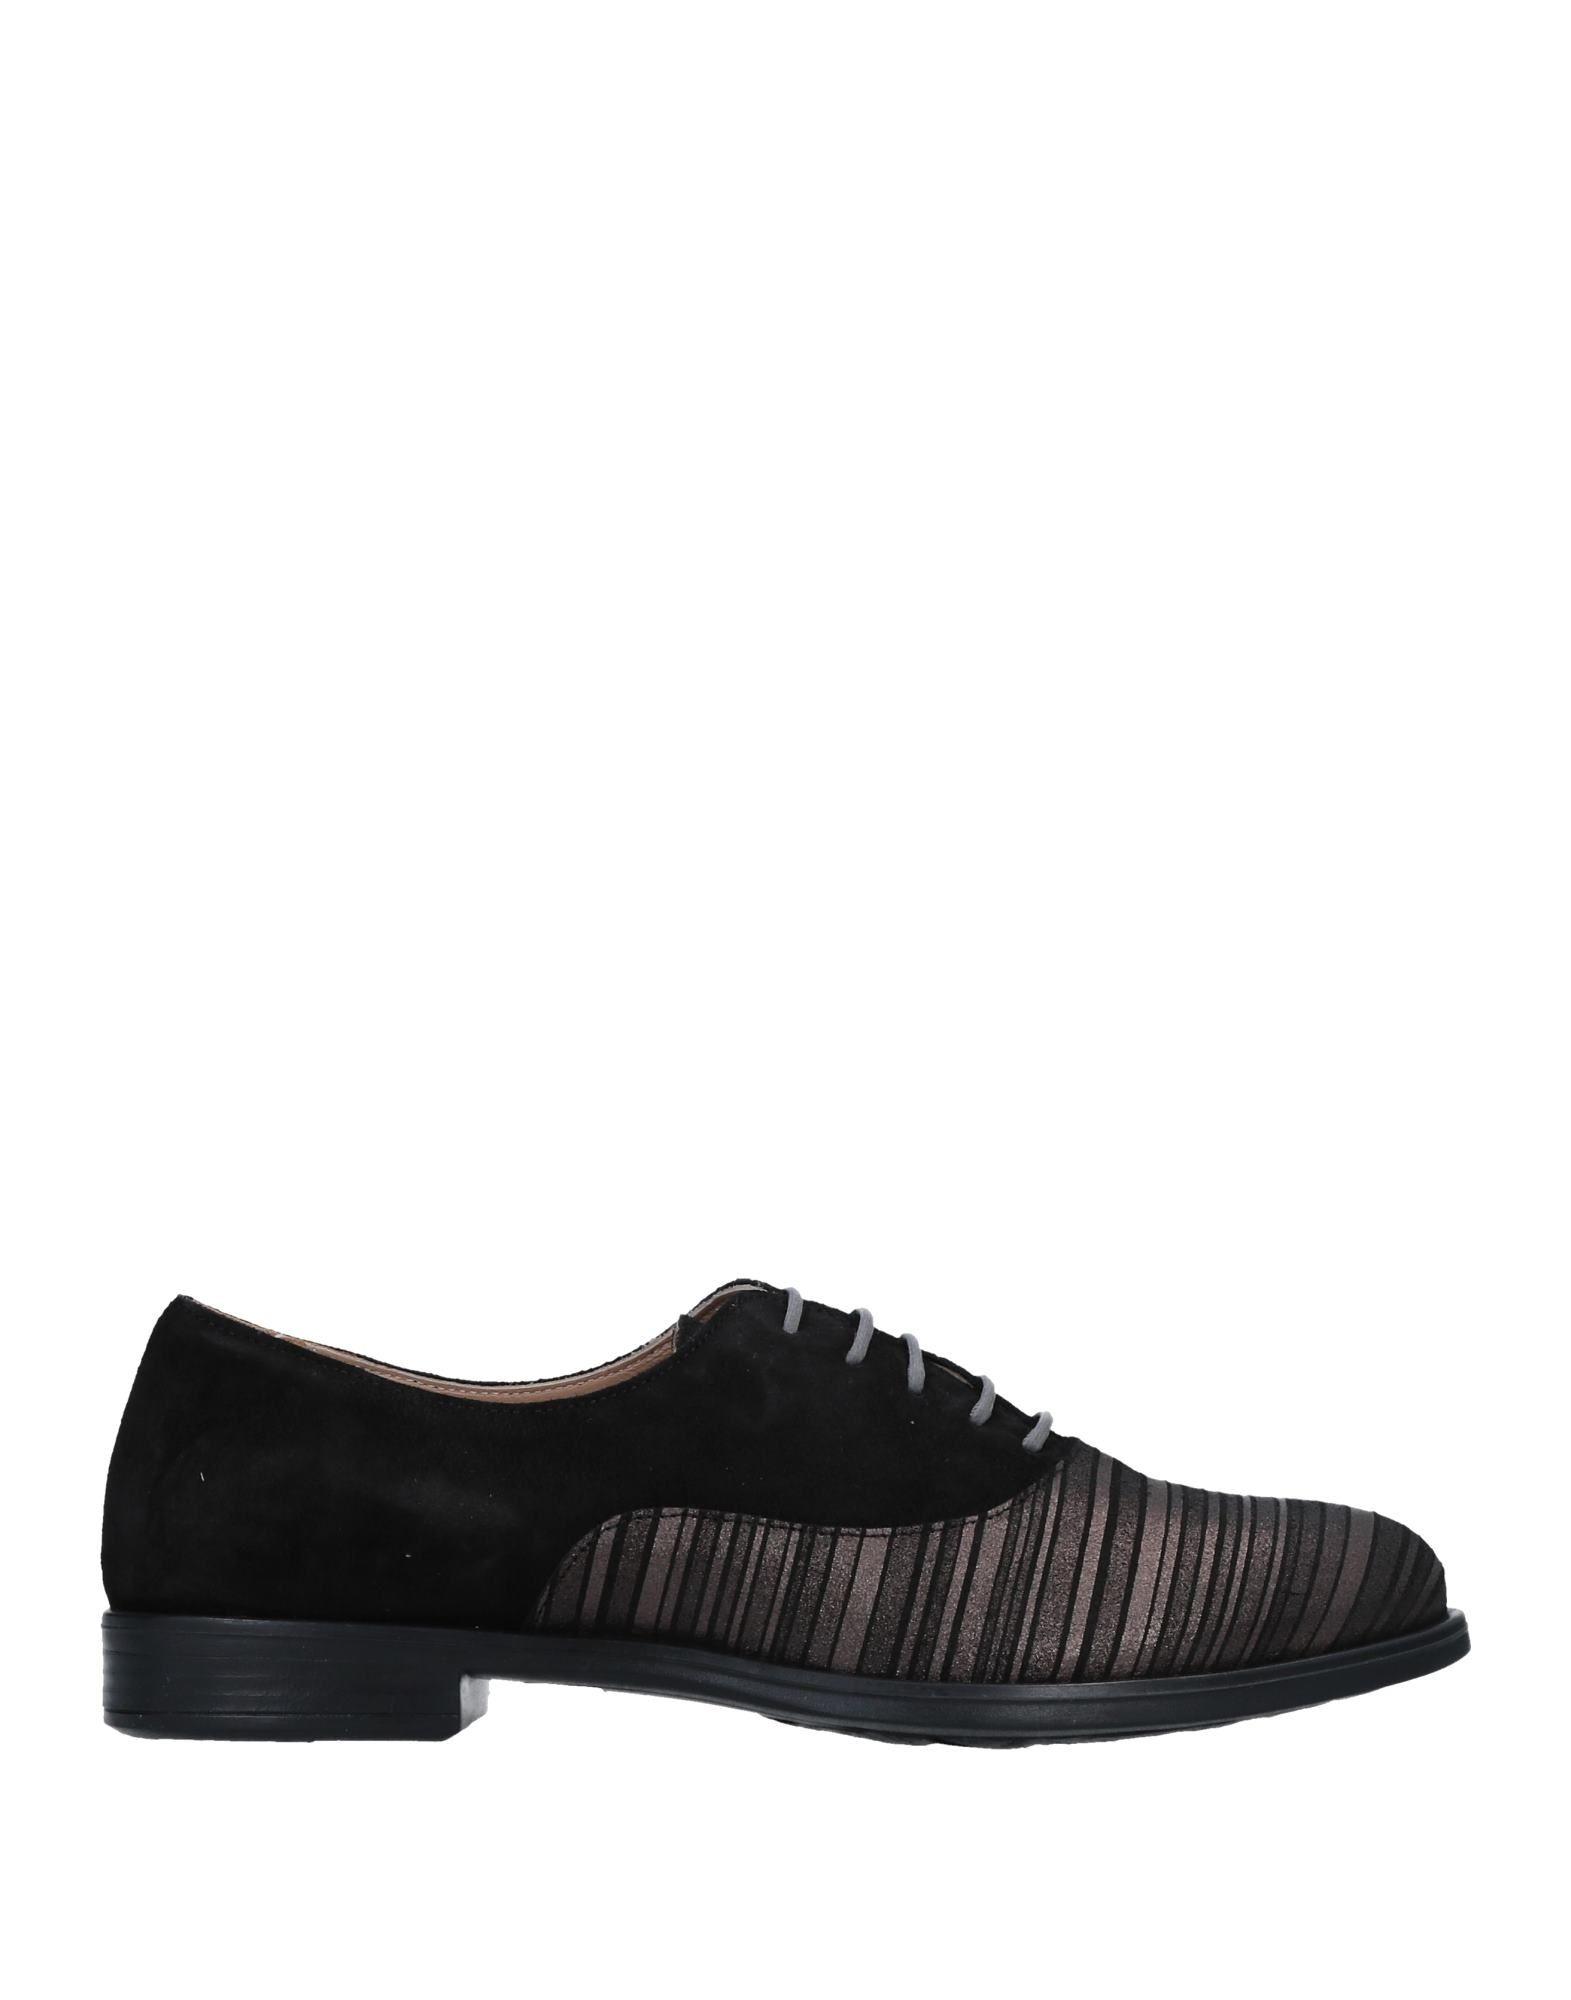 Stilvolle Stilvolle Stilvolle billige Schuhe Fiorangelo Schnürschuhe Damen  11511297NE cac448